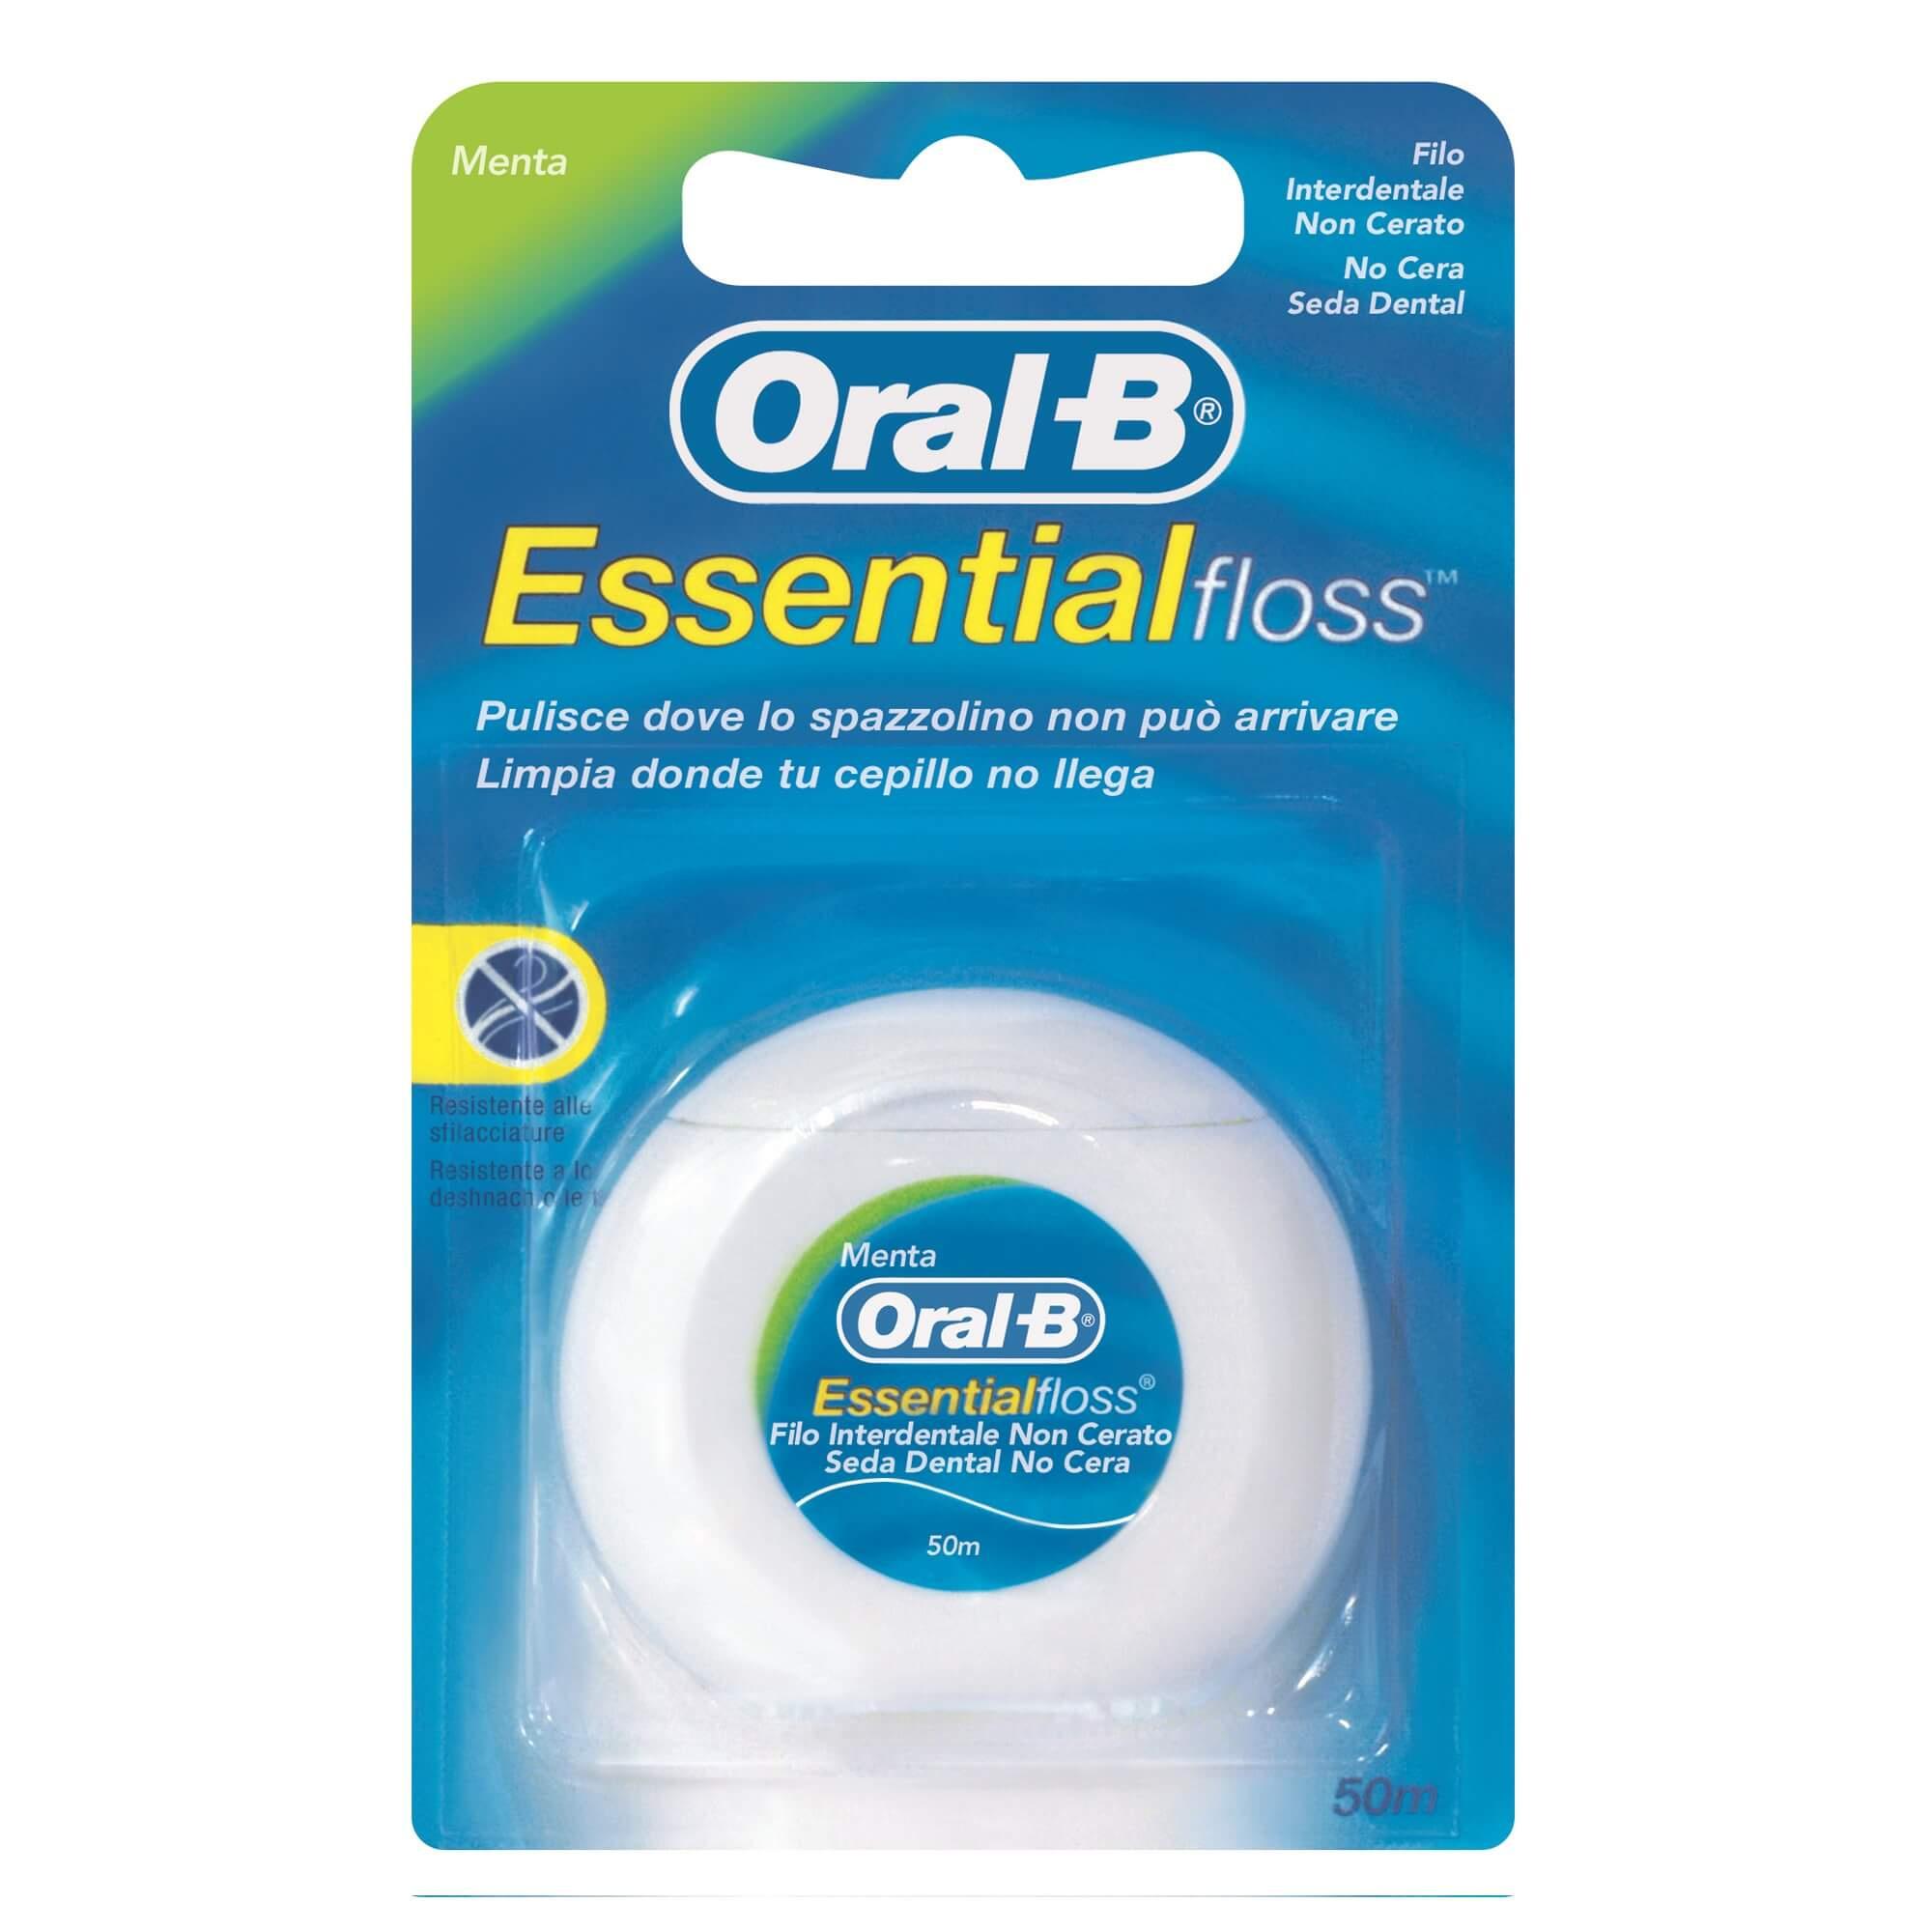 Зубная нить Oral B Essential floss невощеная